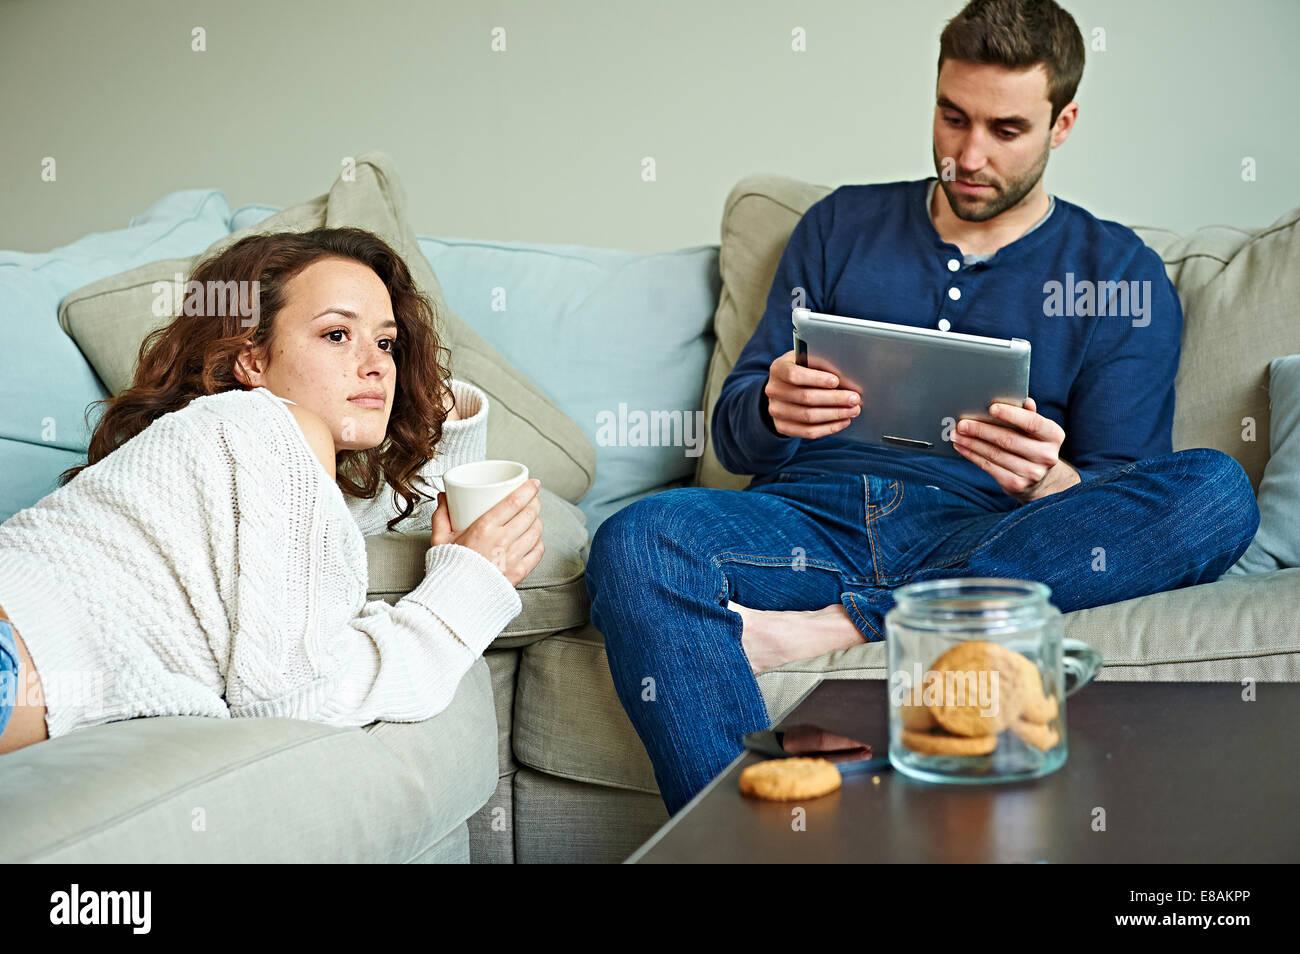 Giovane avente tranquillo il proprio tempo sul divano Immagini Stock